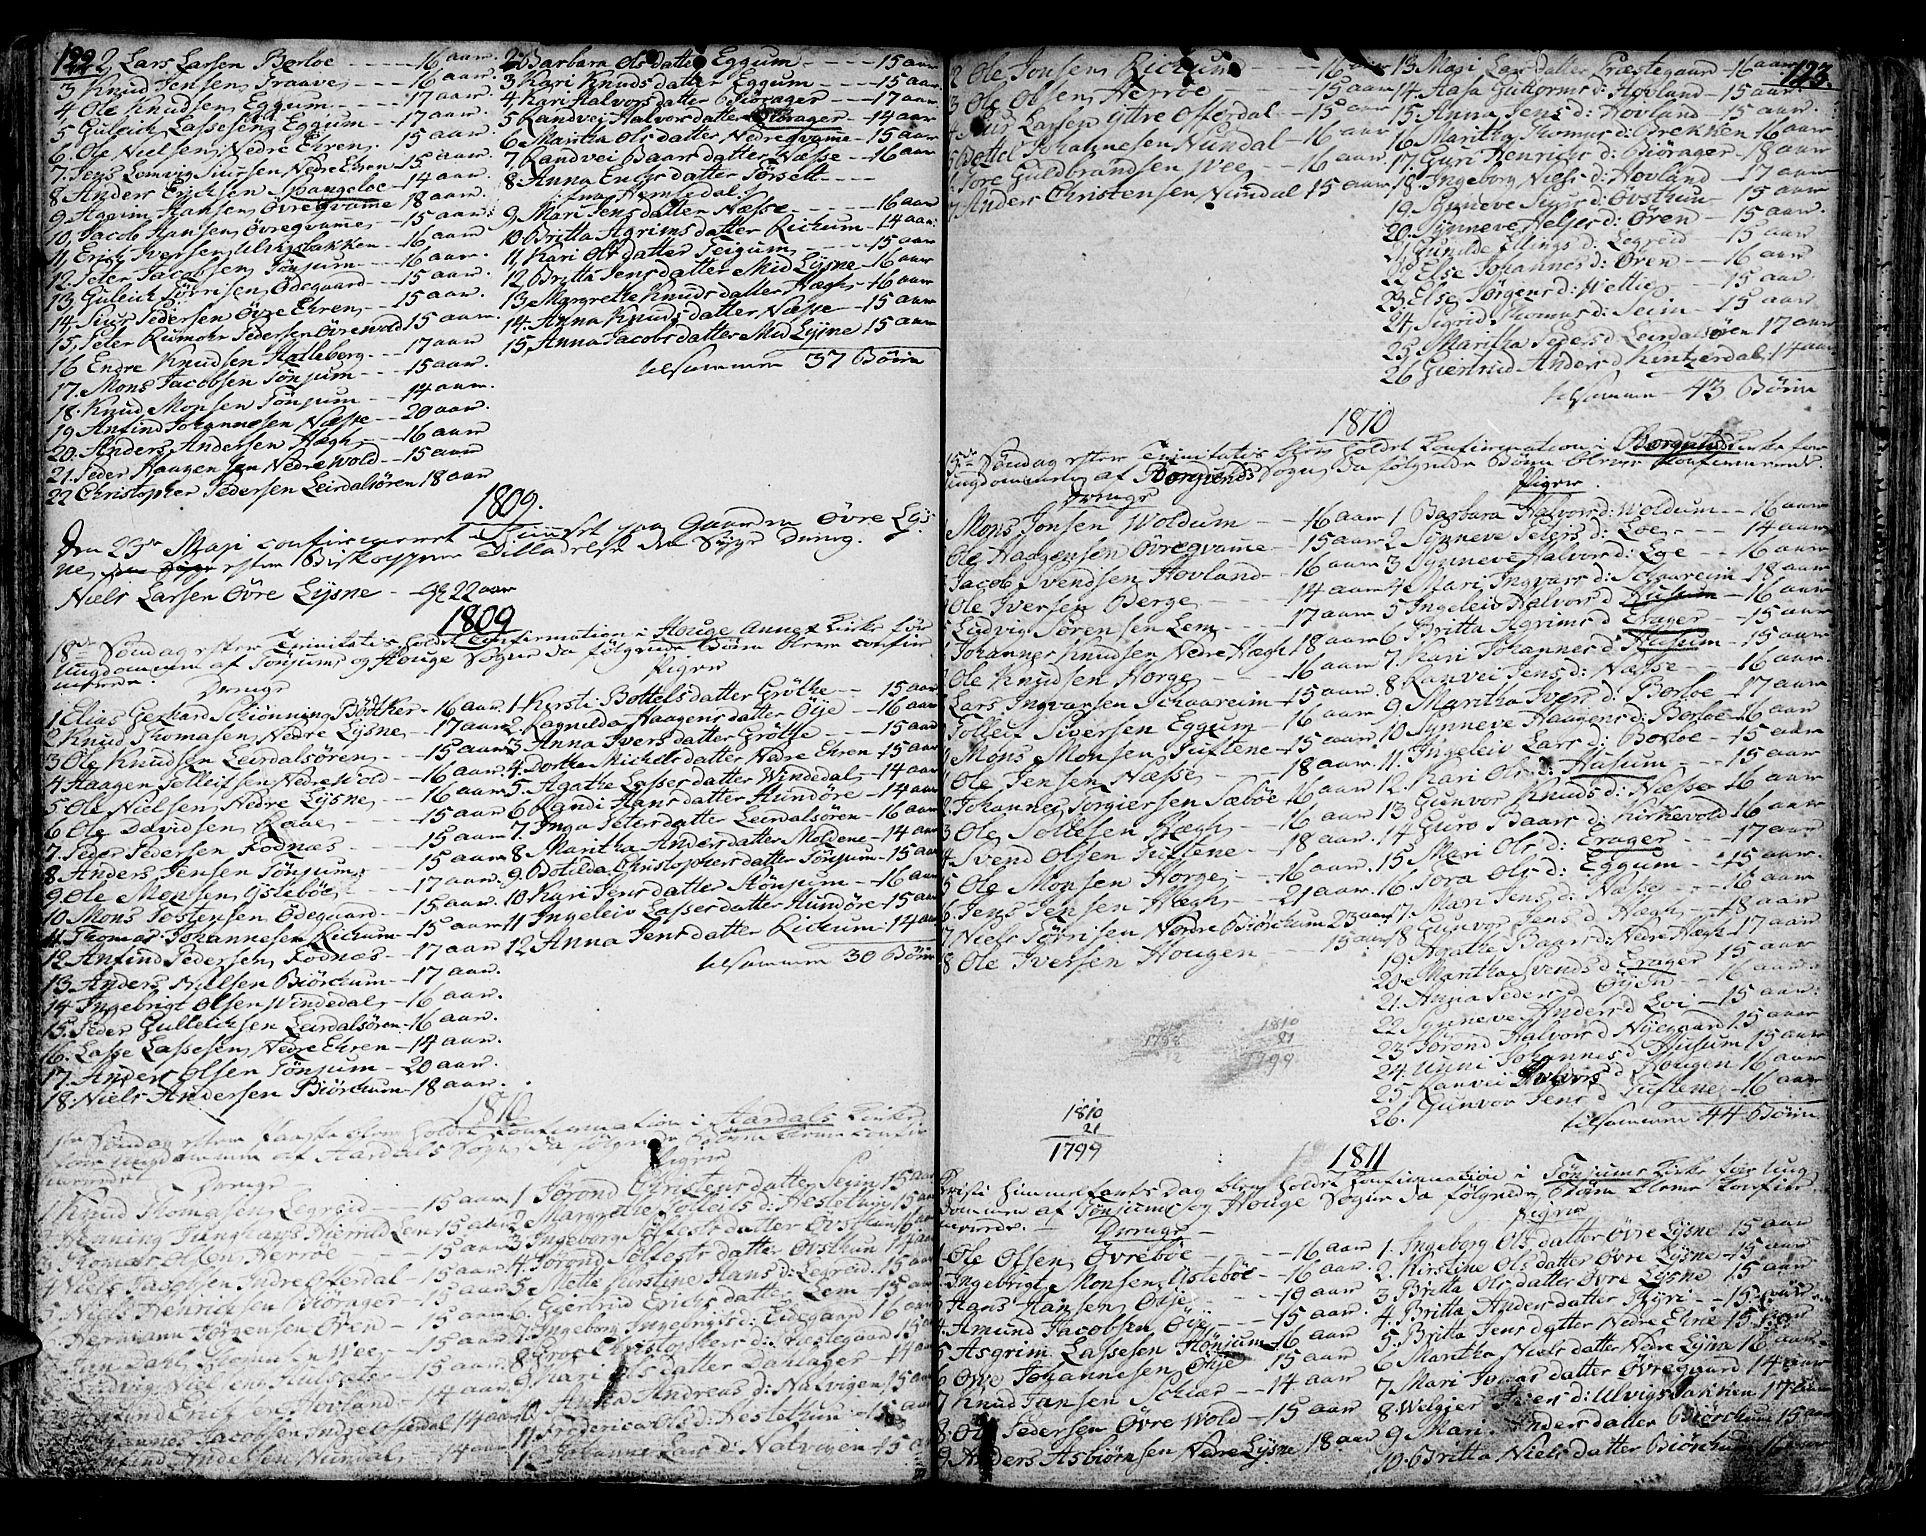 SAB, Lærdal sokneprestembete, Ministerialbok nr. A 4, 1805-1821, s. 122-123